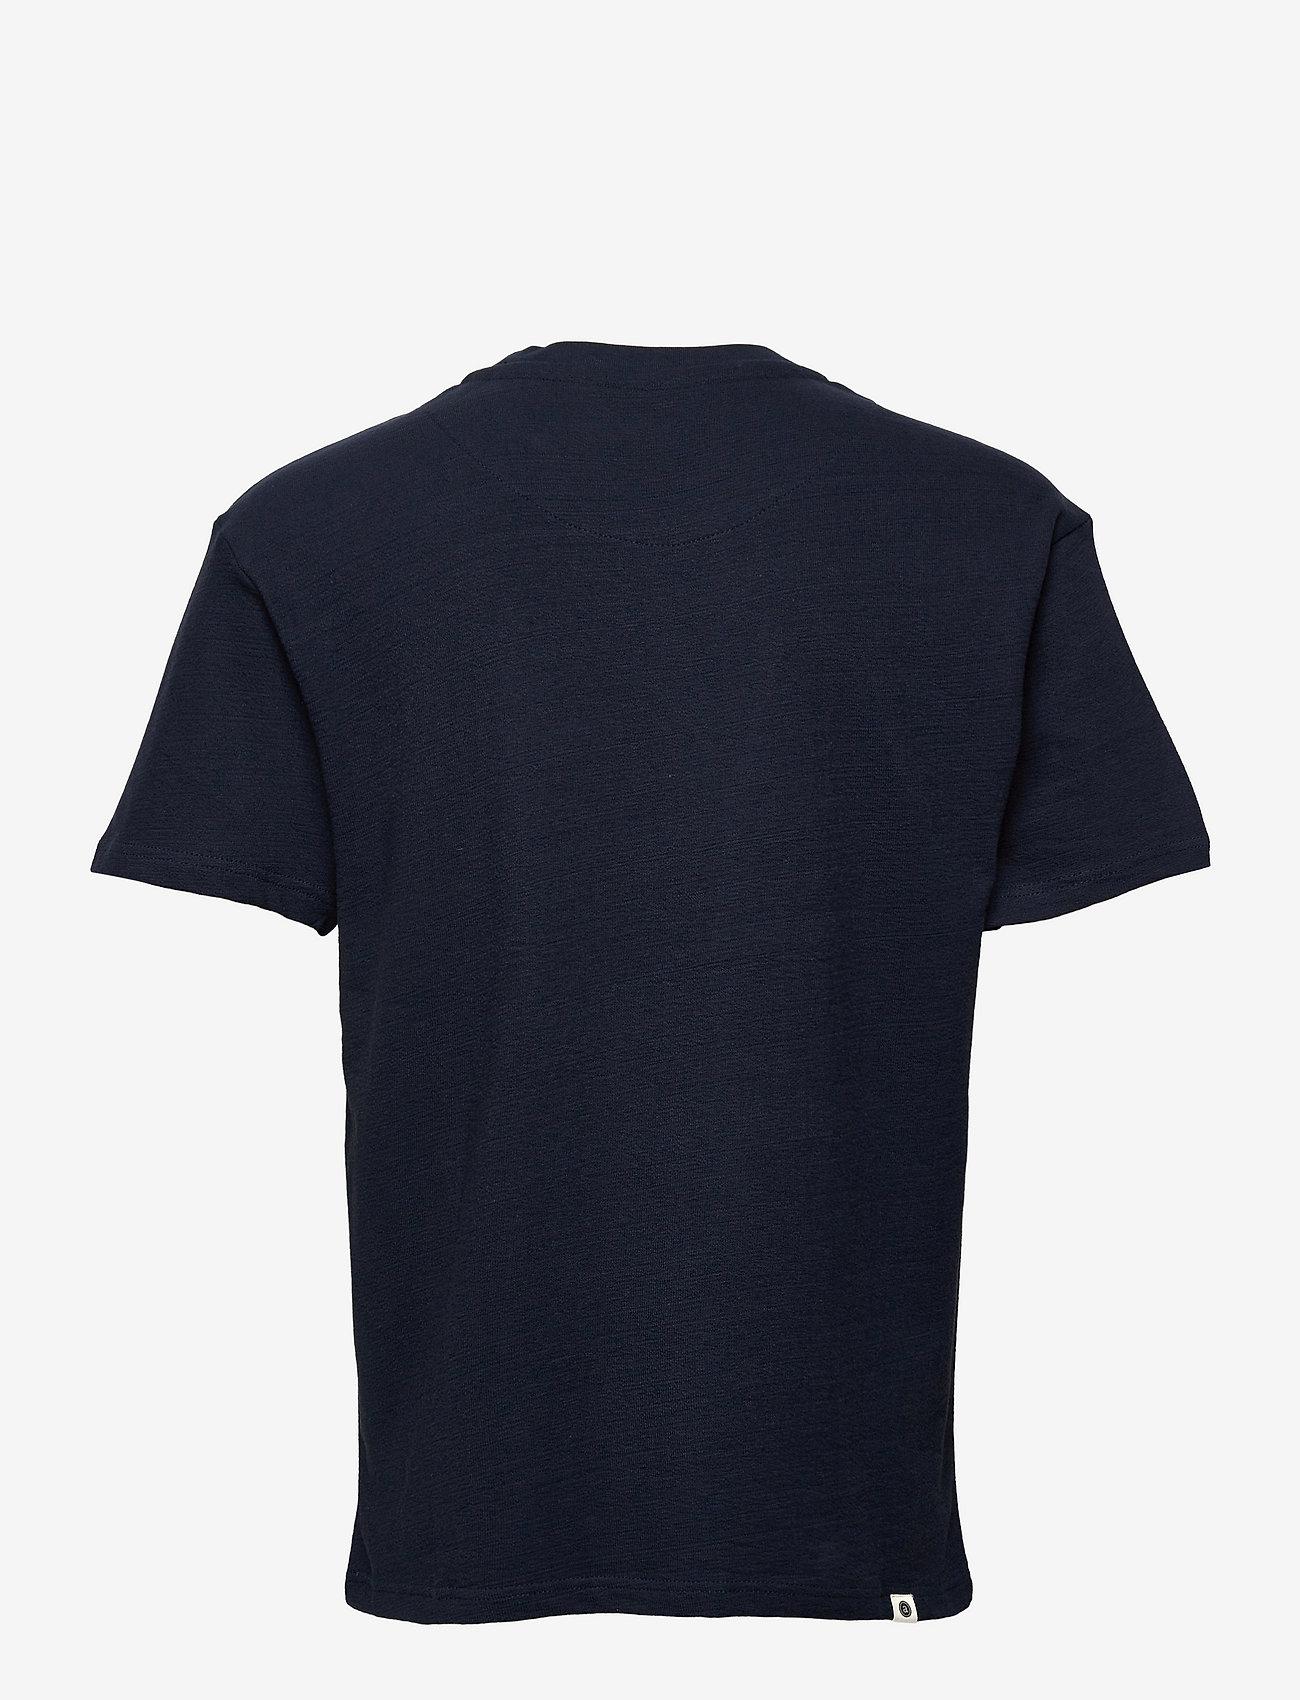 Anerkjendt - AKKIKKI STRUCTURE T SHIRT - basic t-shirts - sky captain - 1